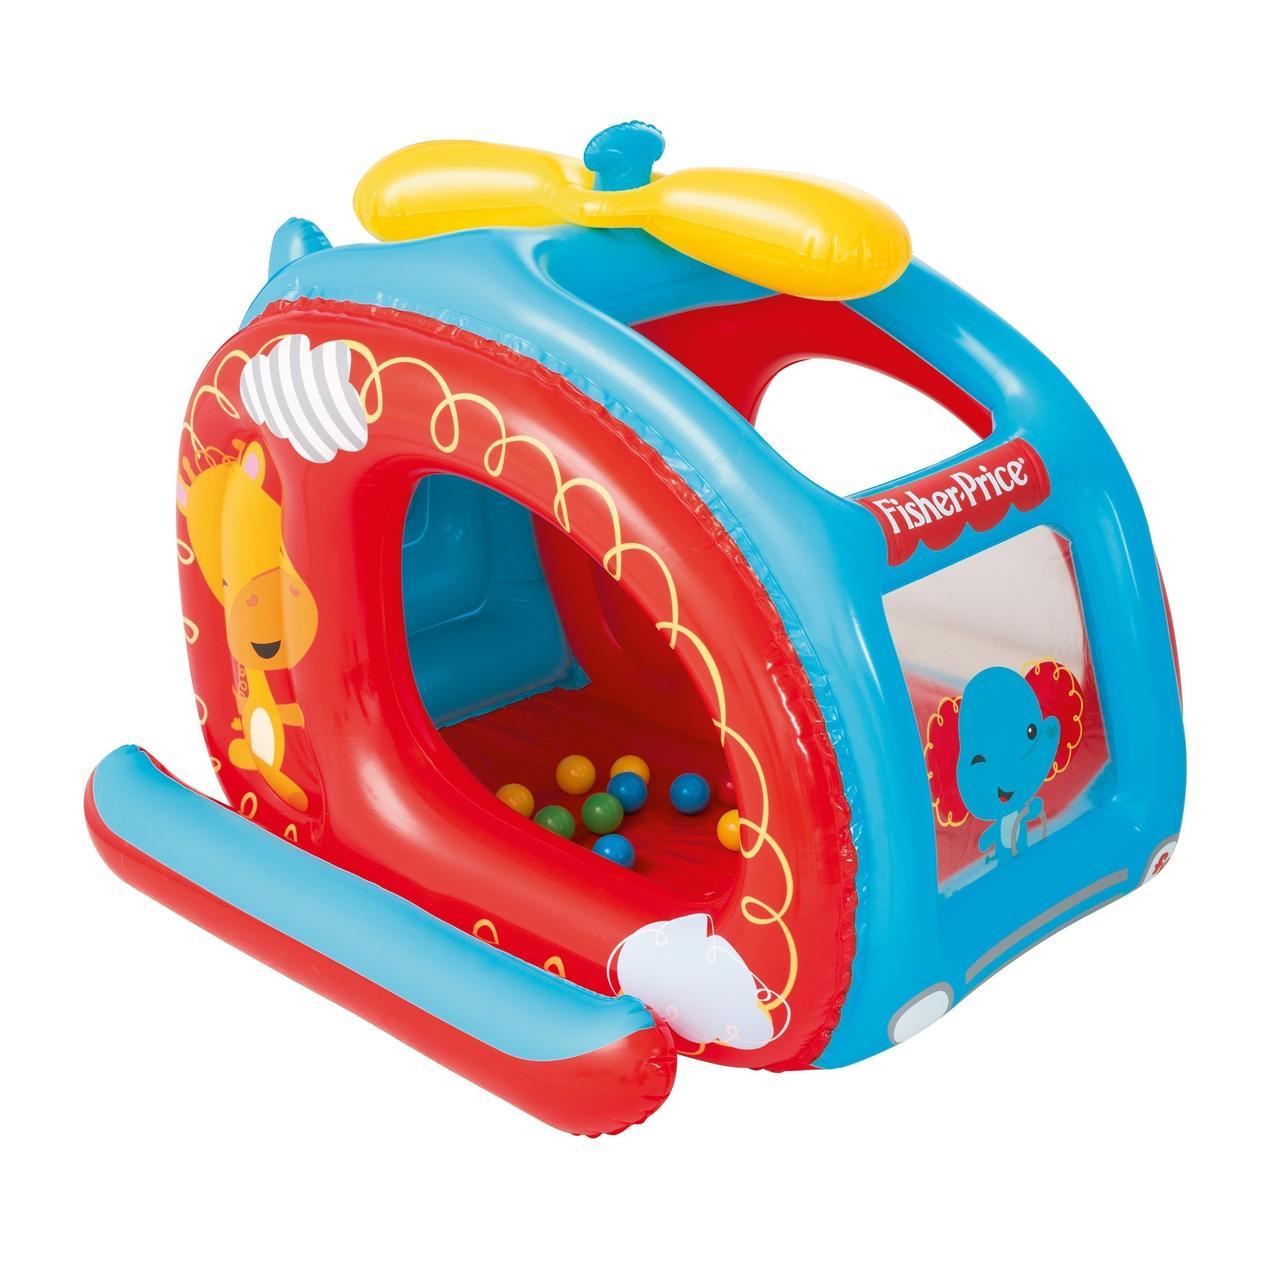 Надувной детский игровой домик манеж Bestway 93502 «Вертолет» с шариками 25 шт